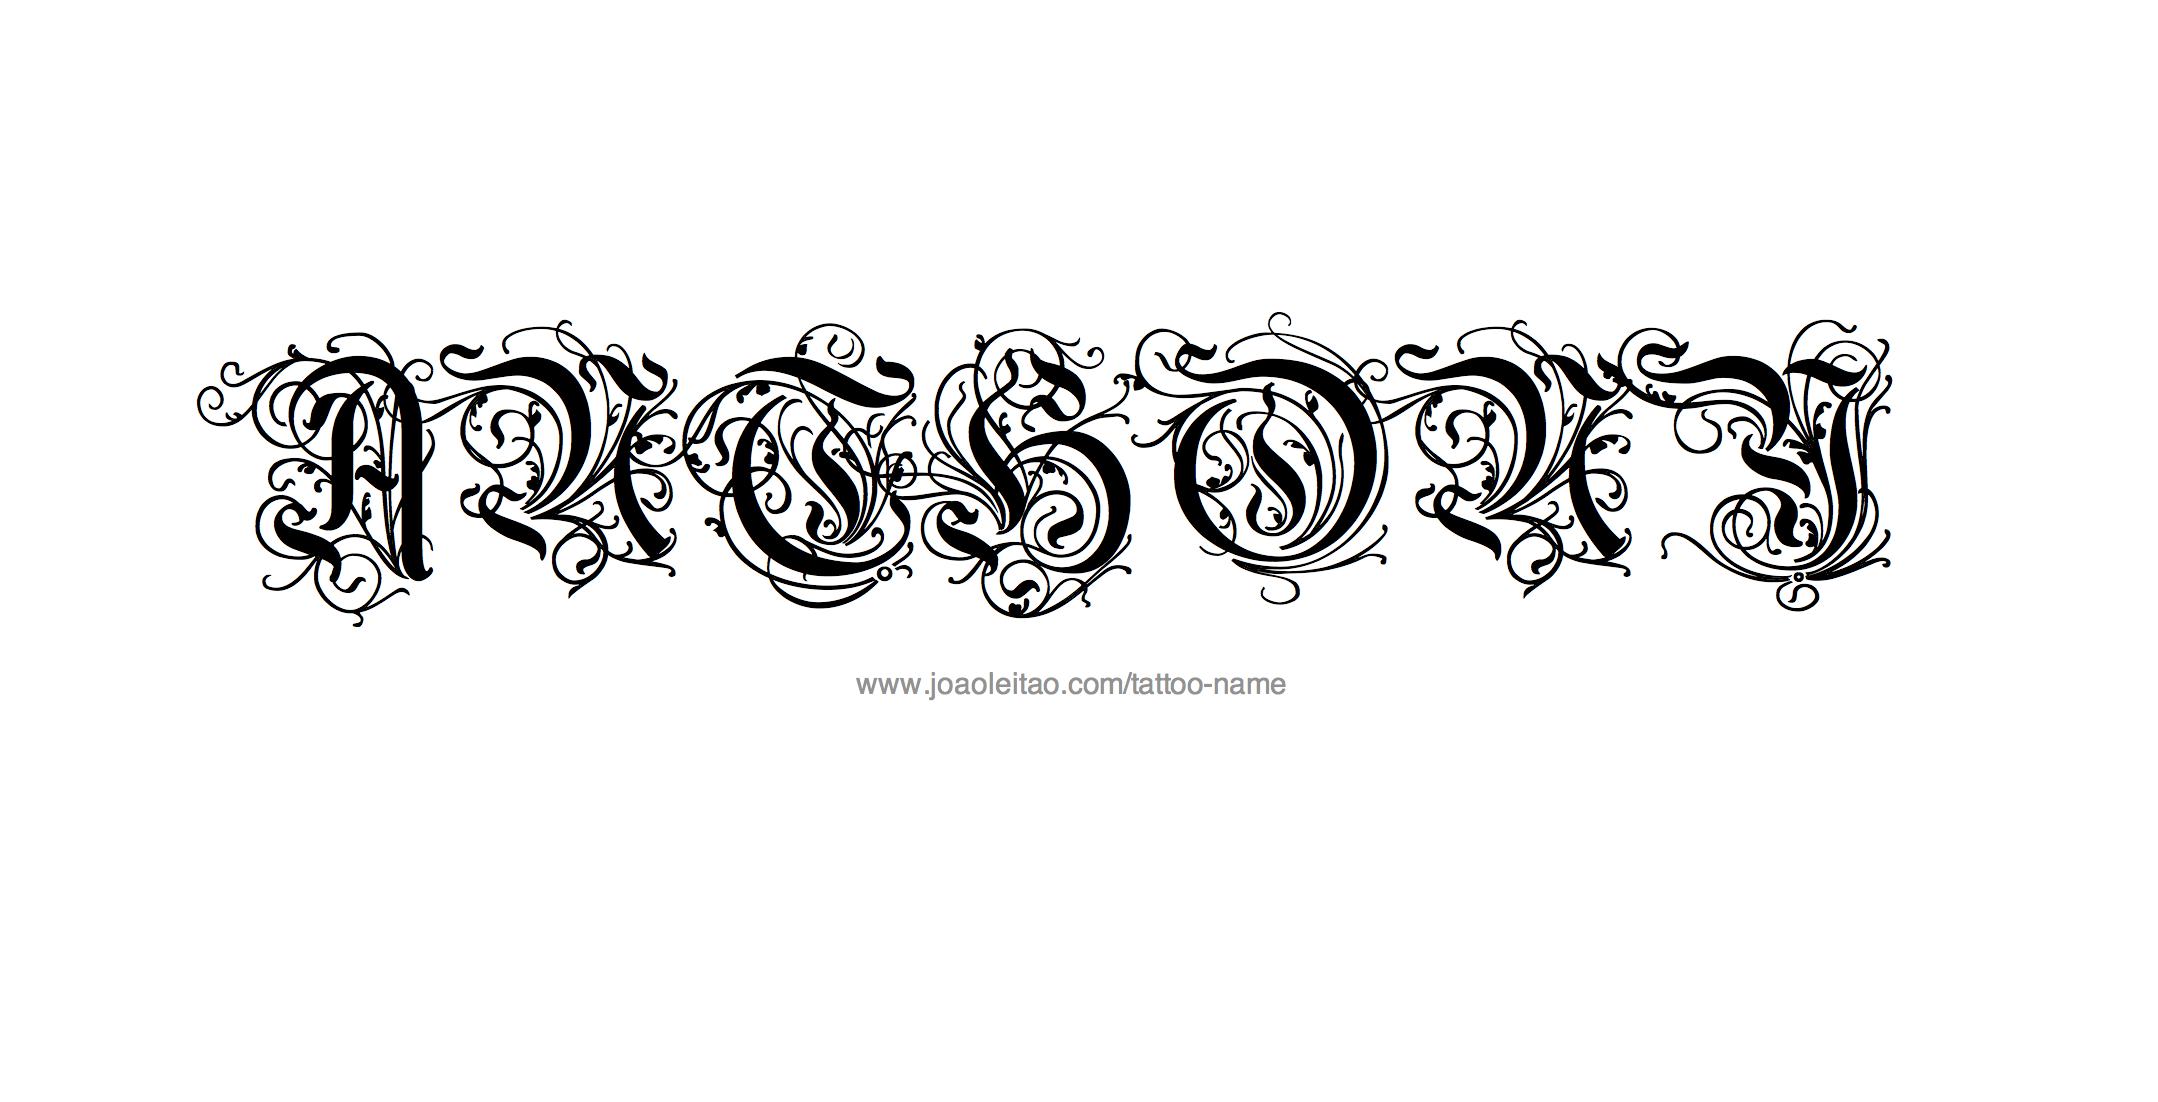 Anthony Name Tattoo Designs   Name tattoo designs, Name tattoos ...